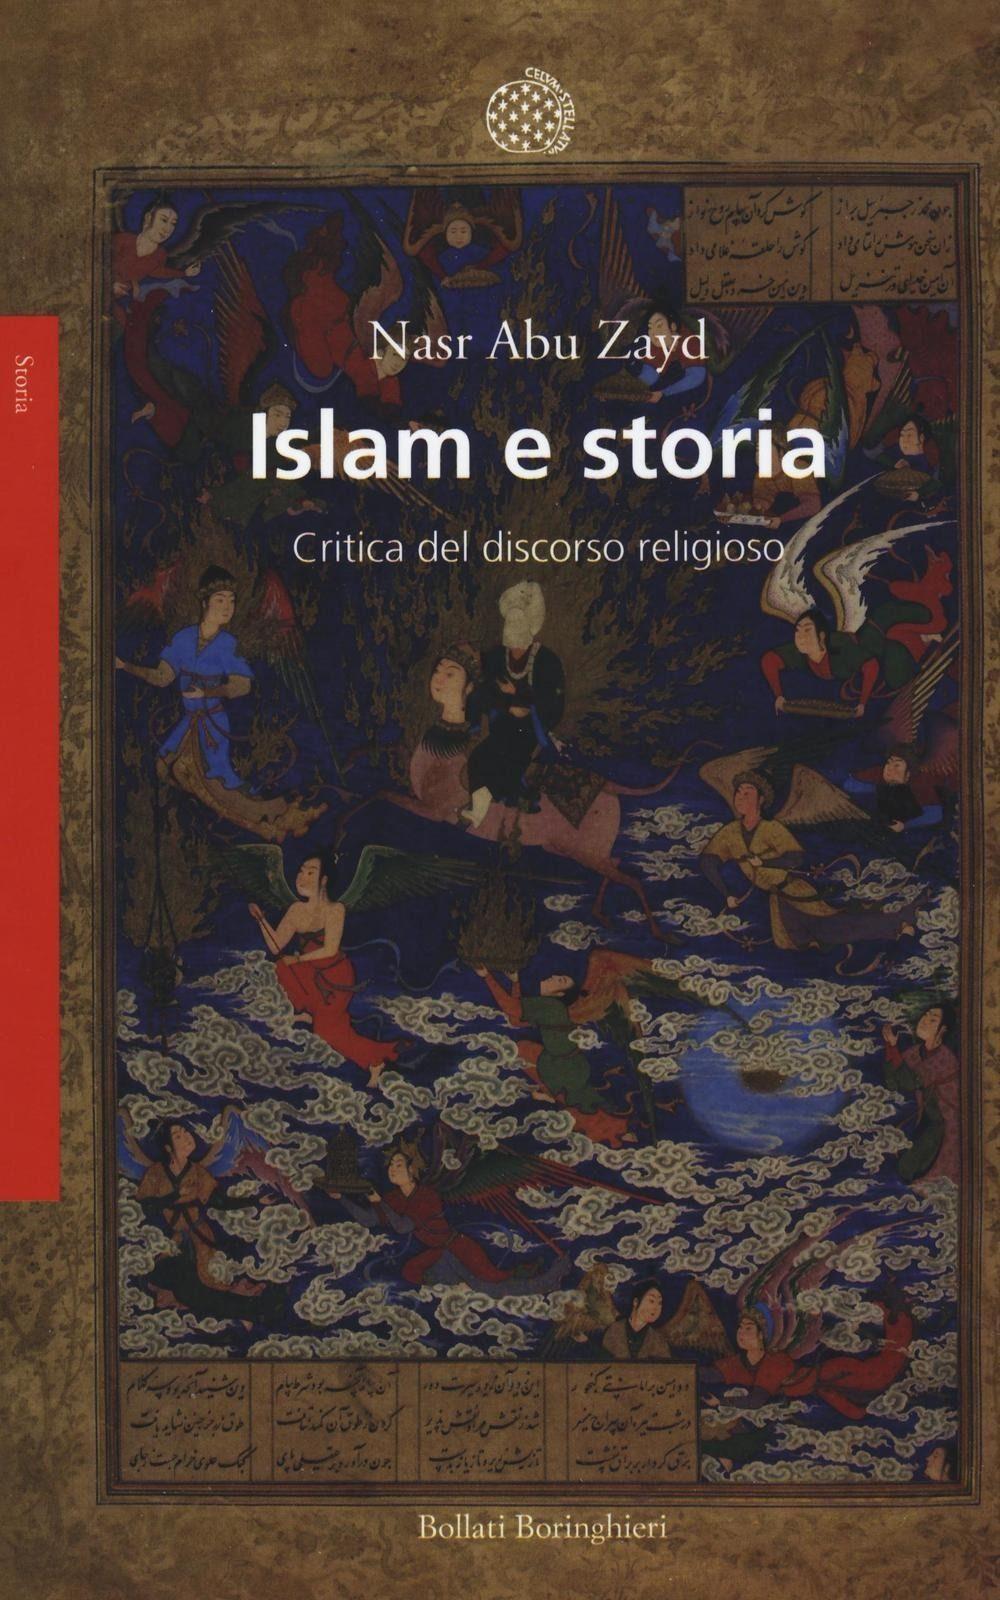 Islam e storia. Critica del discorso religioso.